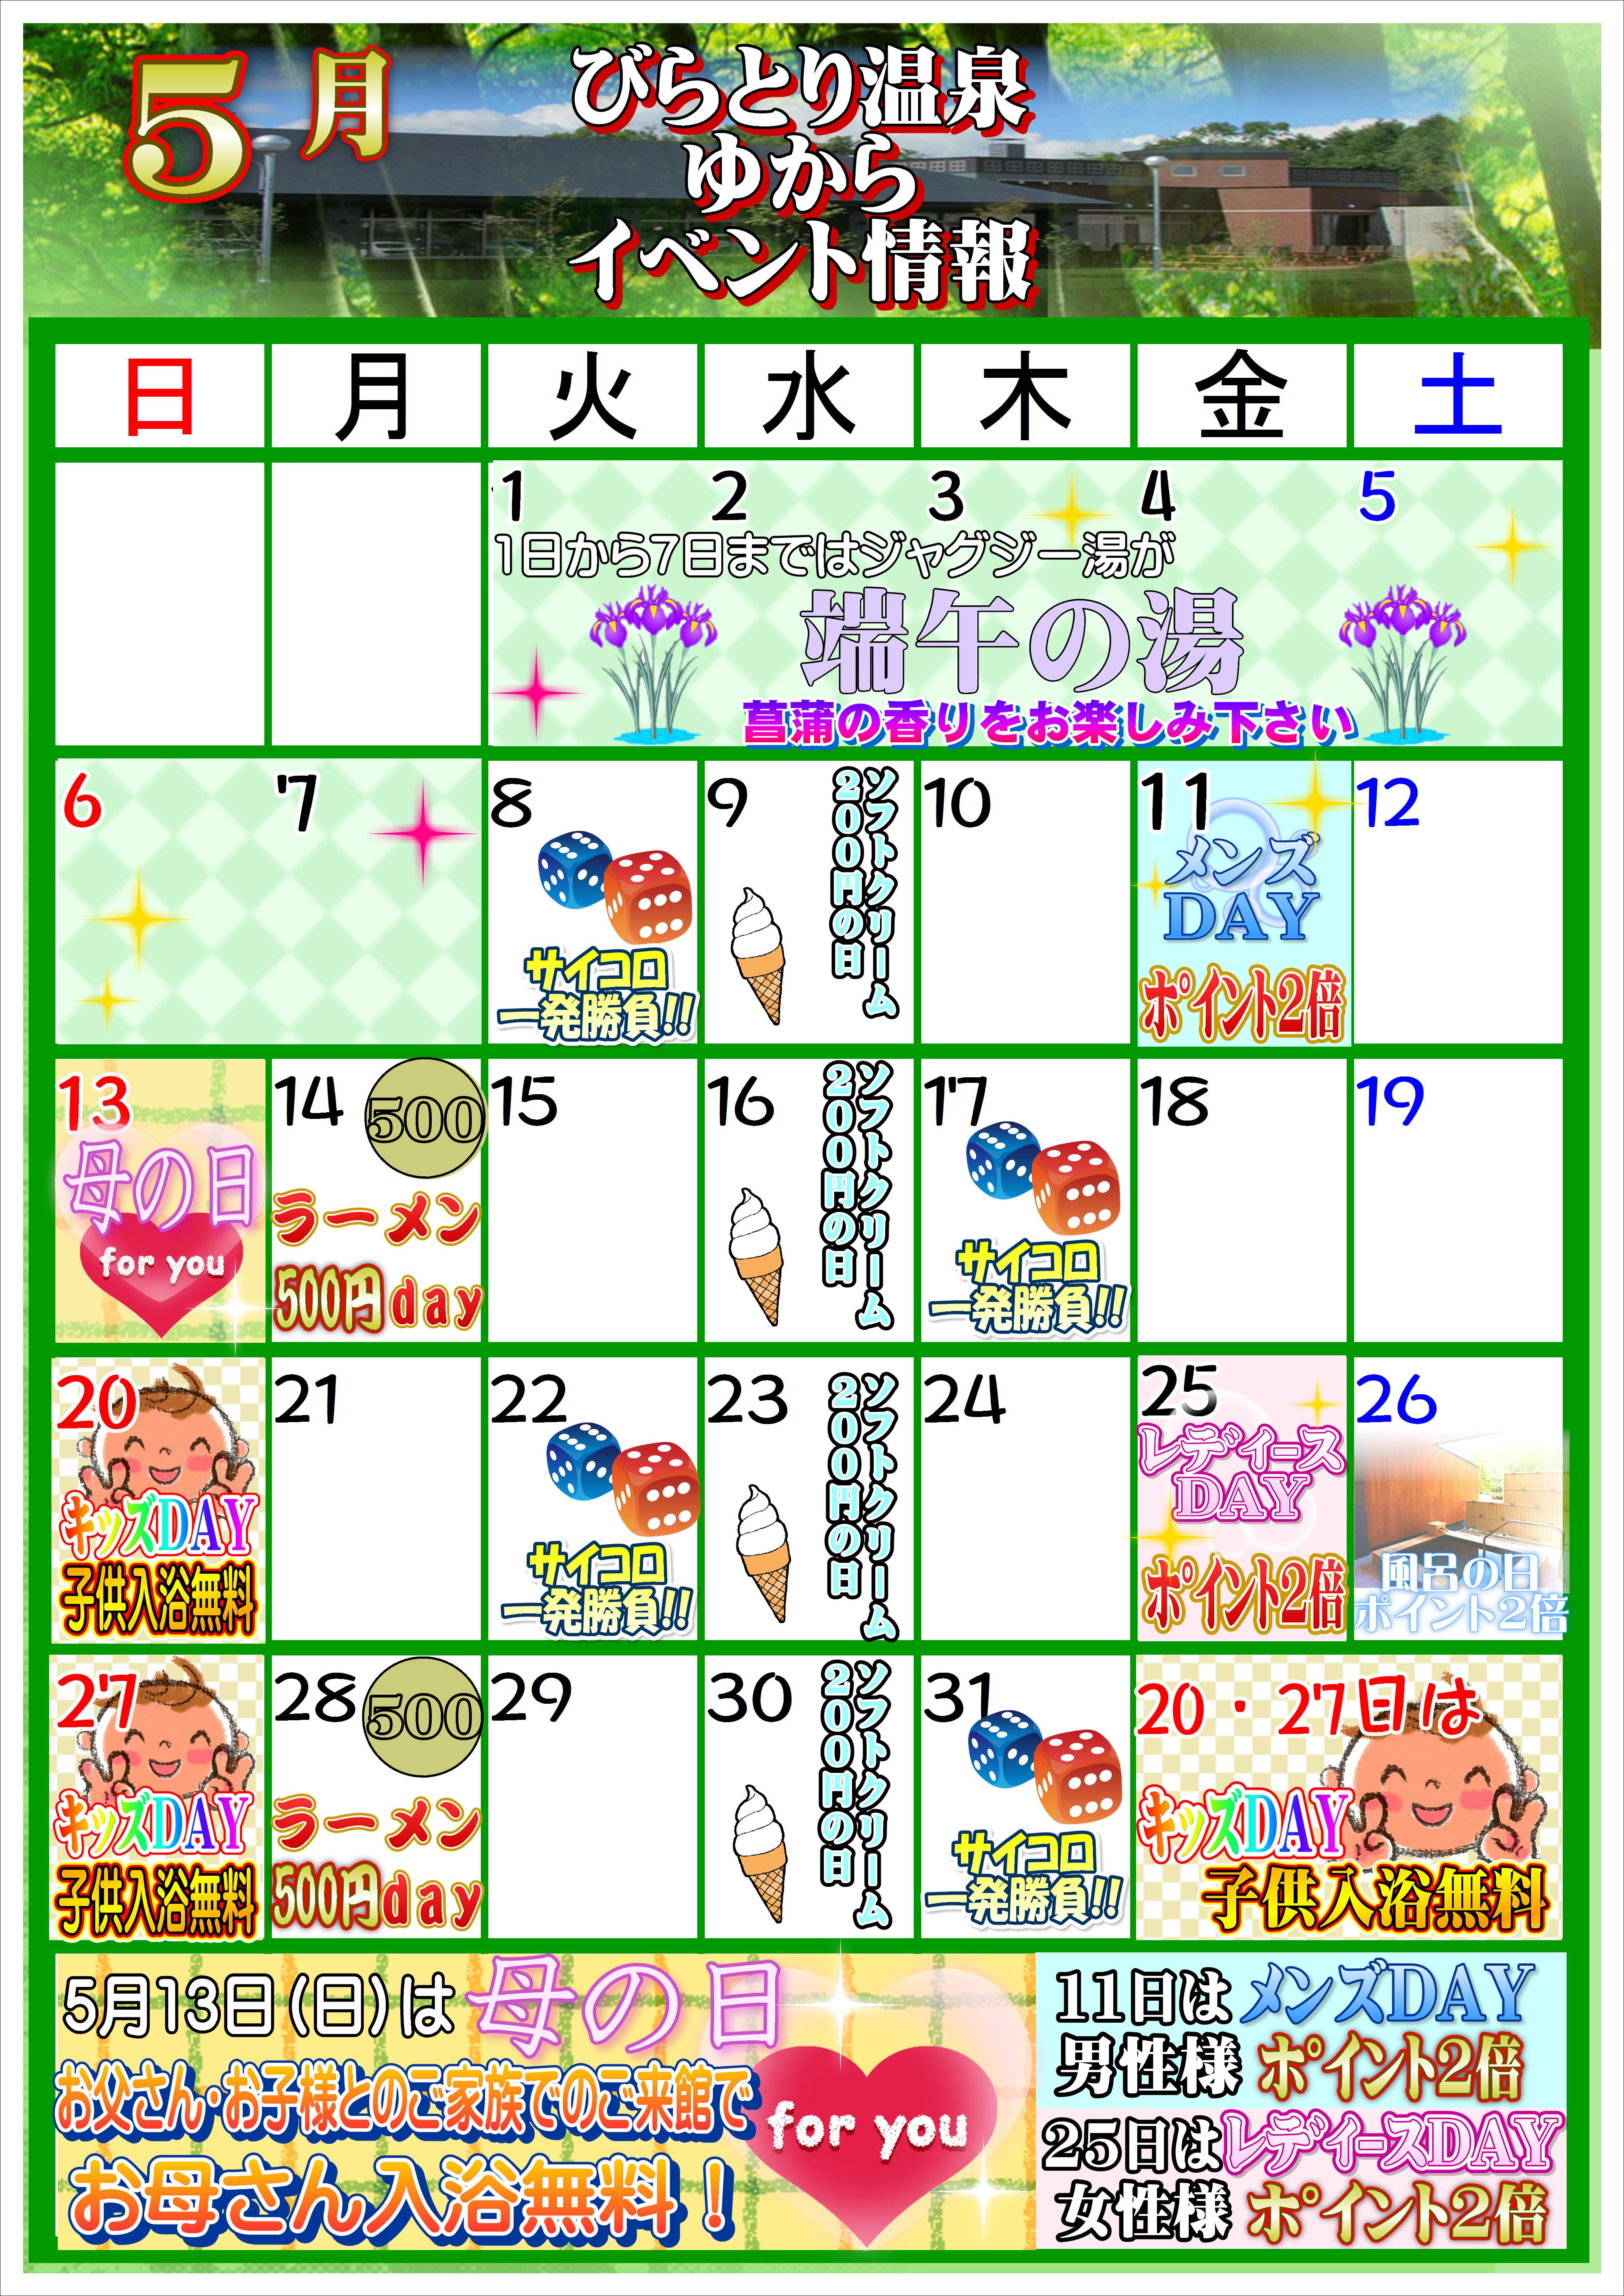 30年 5月 イベントカレンダー.JPEG